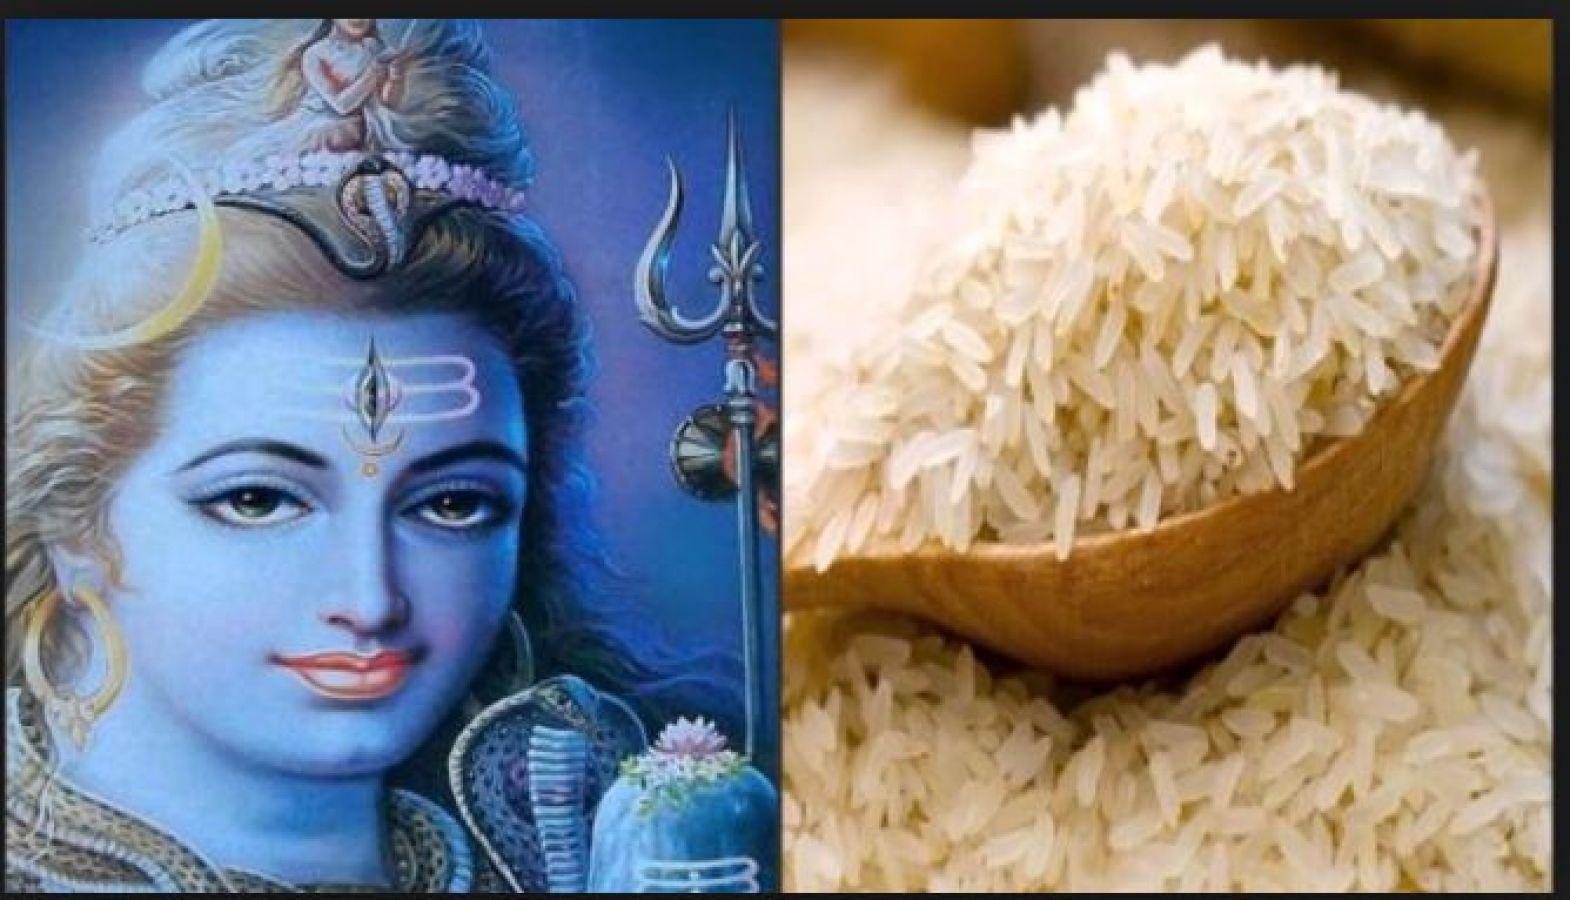 भगवान मंदिर में चढ़ा दें चावल के इतने दाने, हो जाएंगे मालामाल